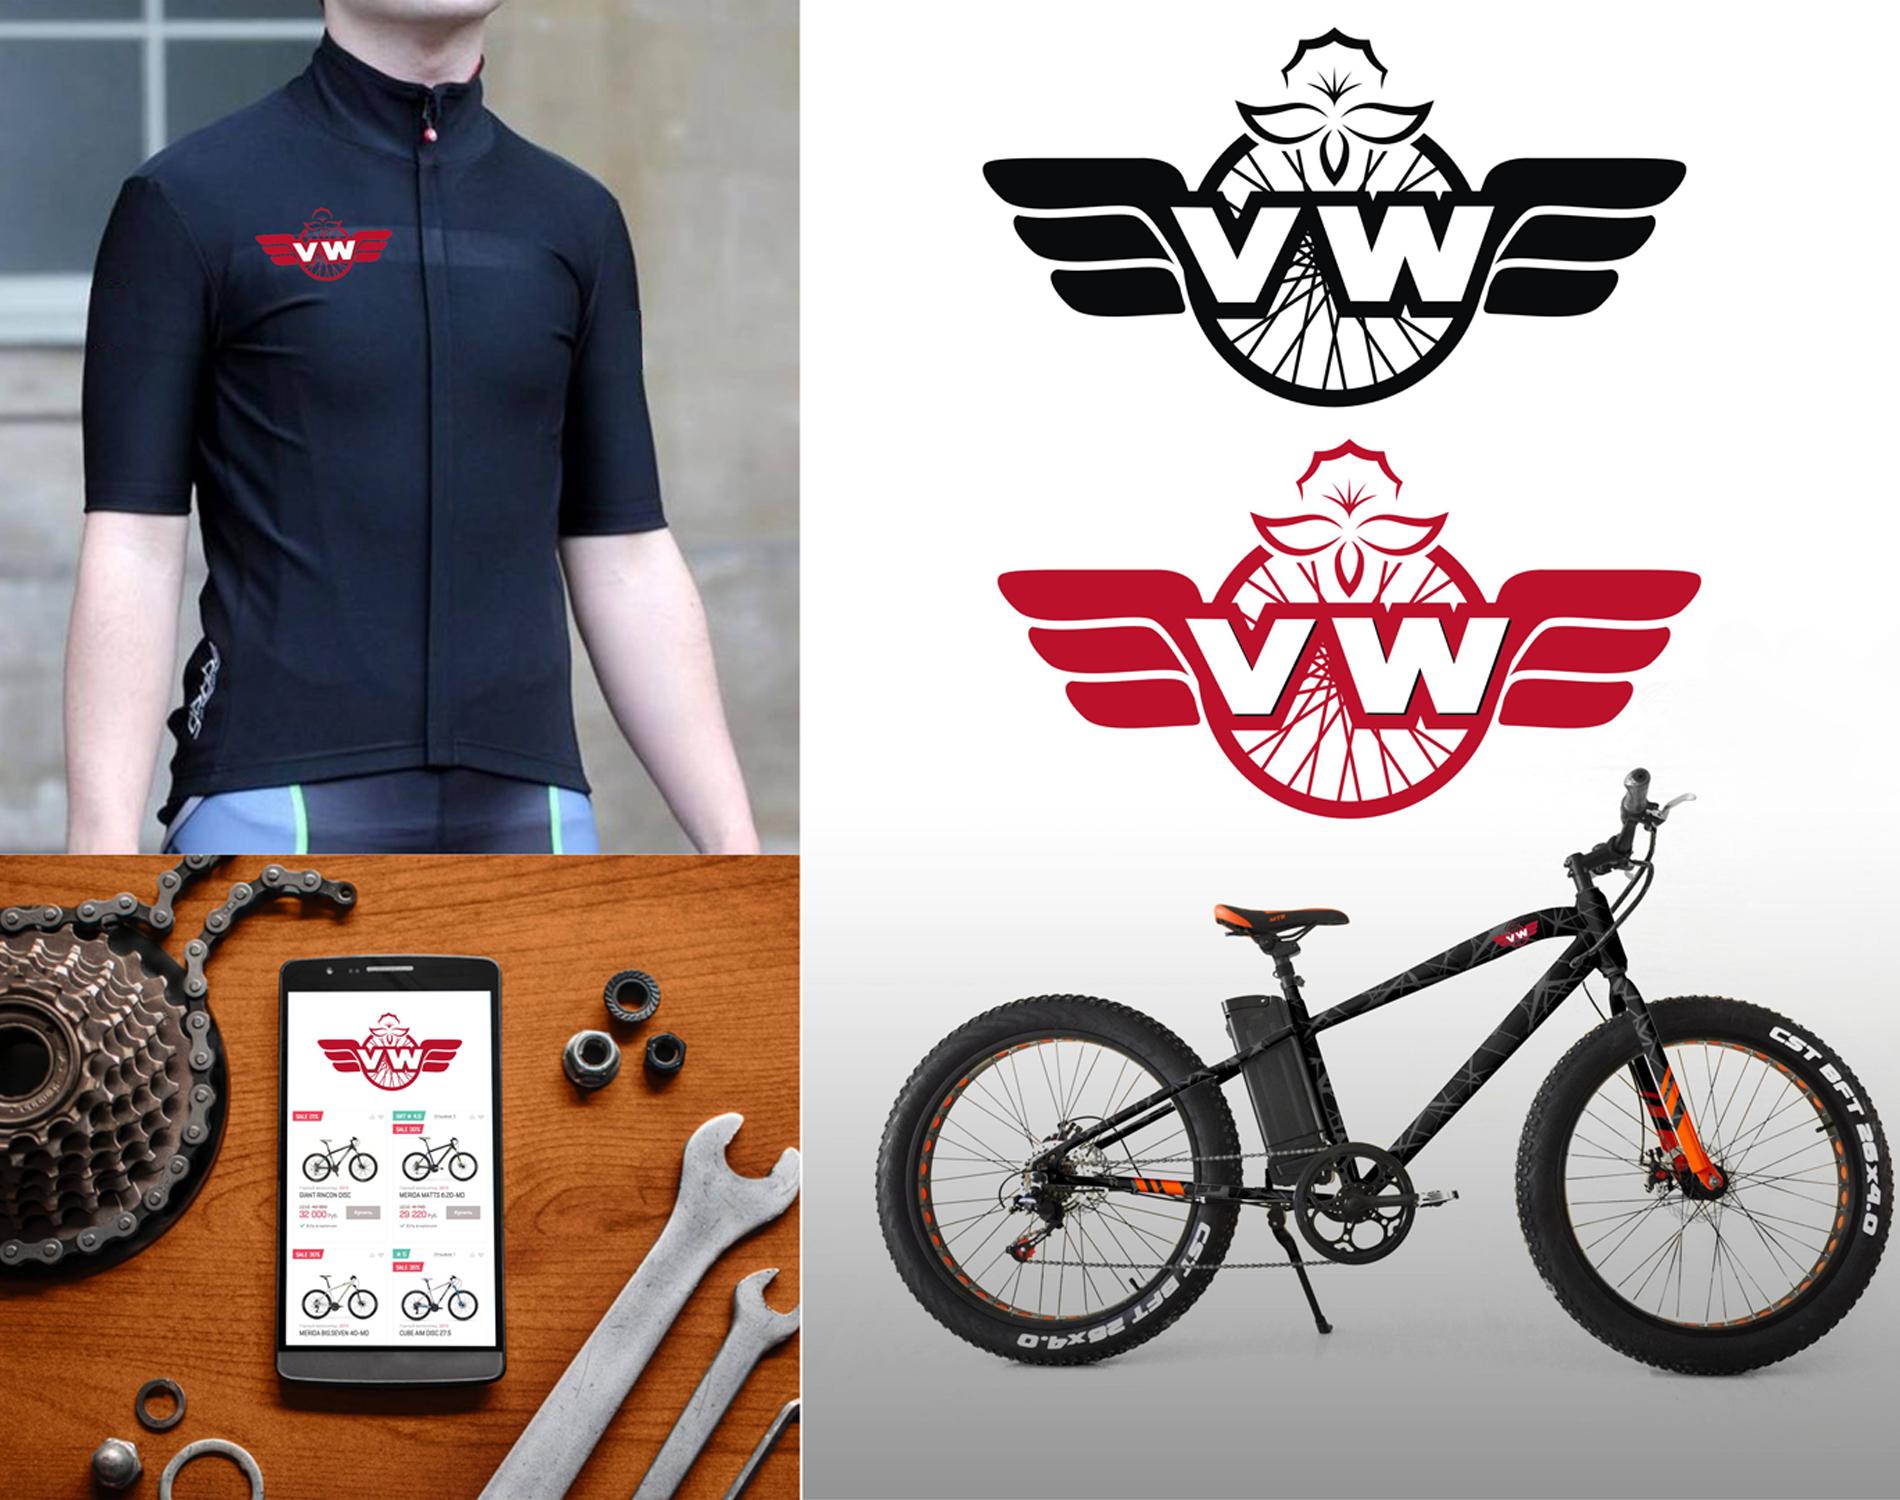 Фото лого и брендирование для австрийской велокомпании